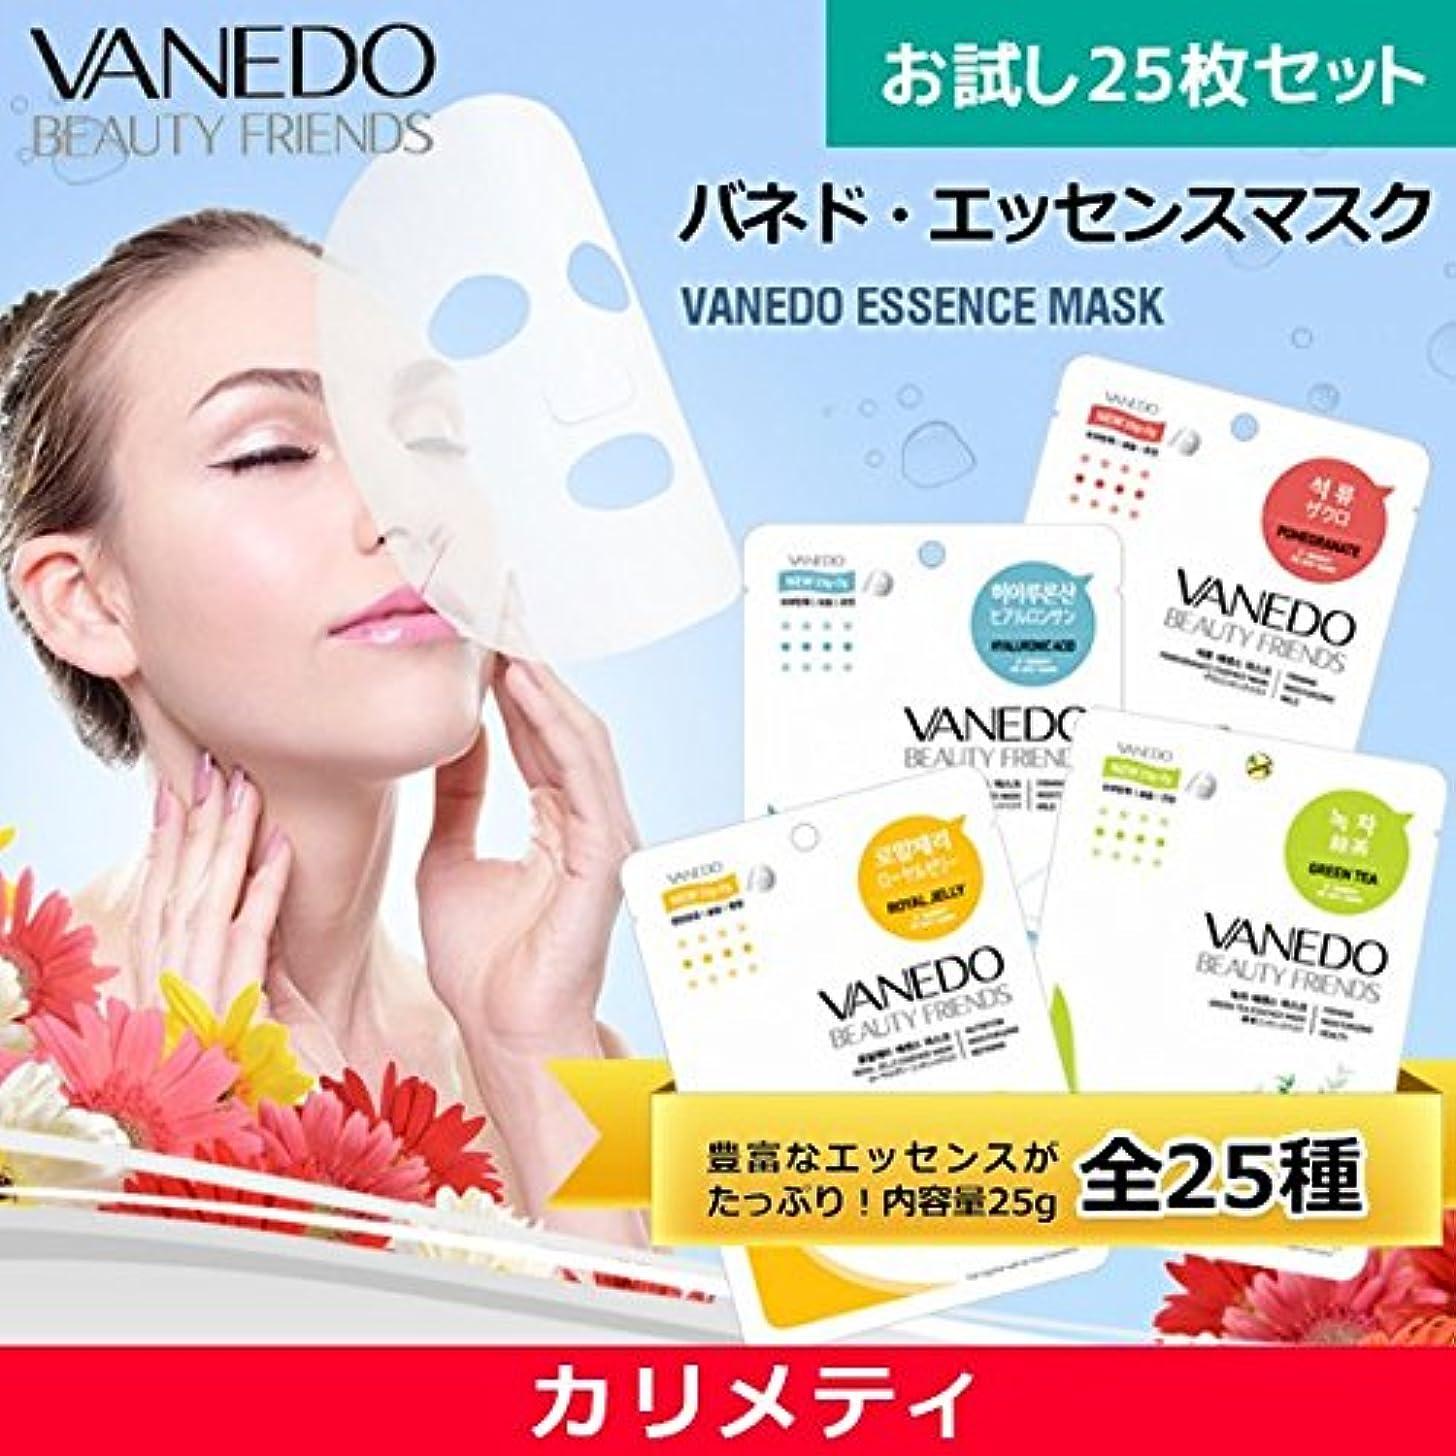 バンク高度無意味【VANEDO】バネド全種 25枚 お試しセット/シートマスク/マスクパック/フェイスマスク [メール便]